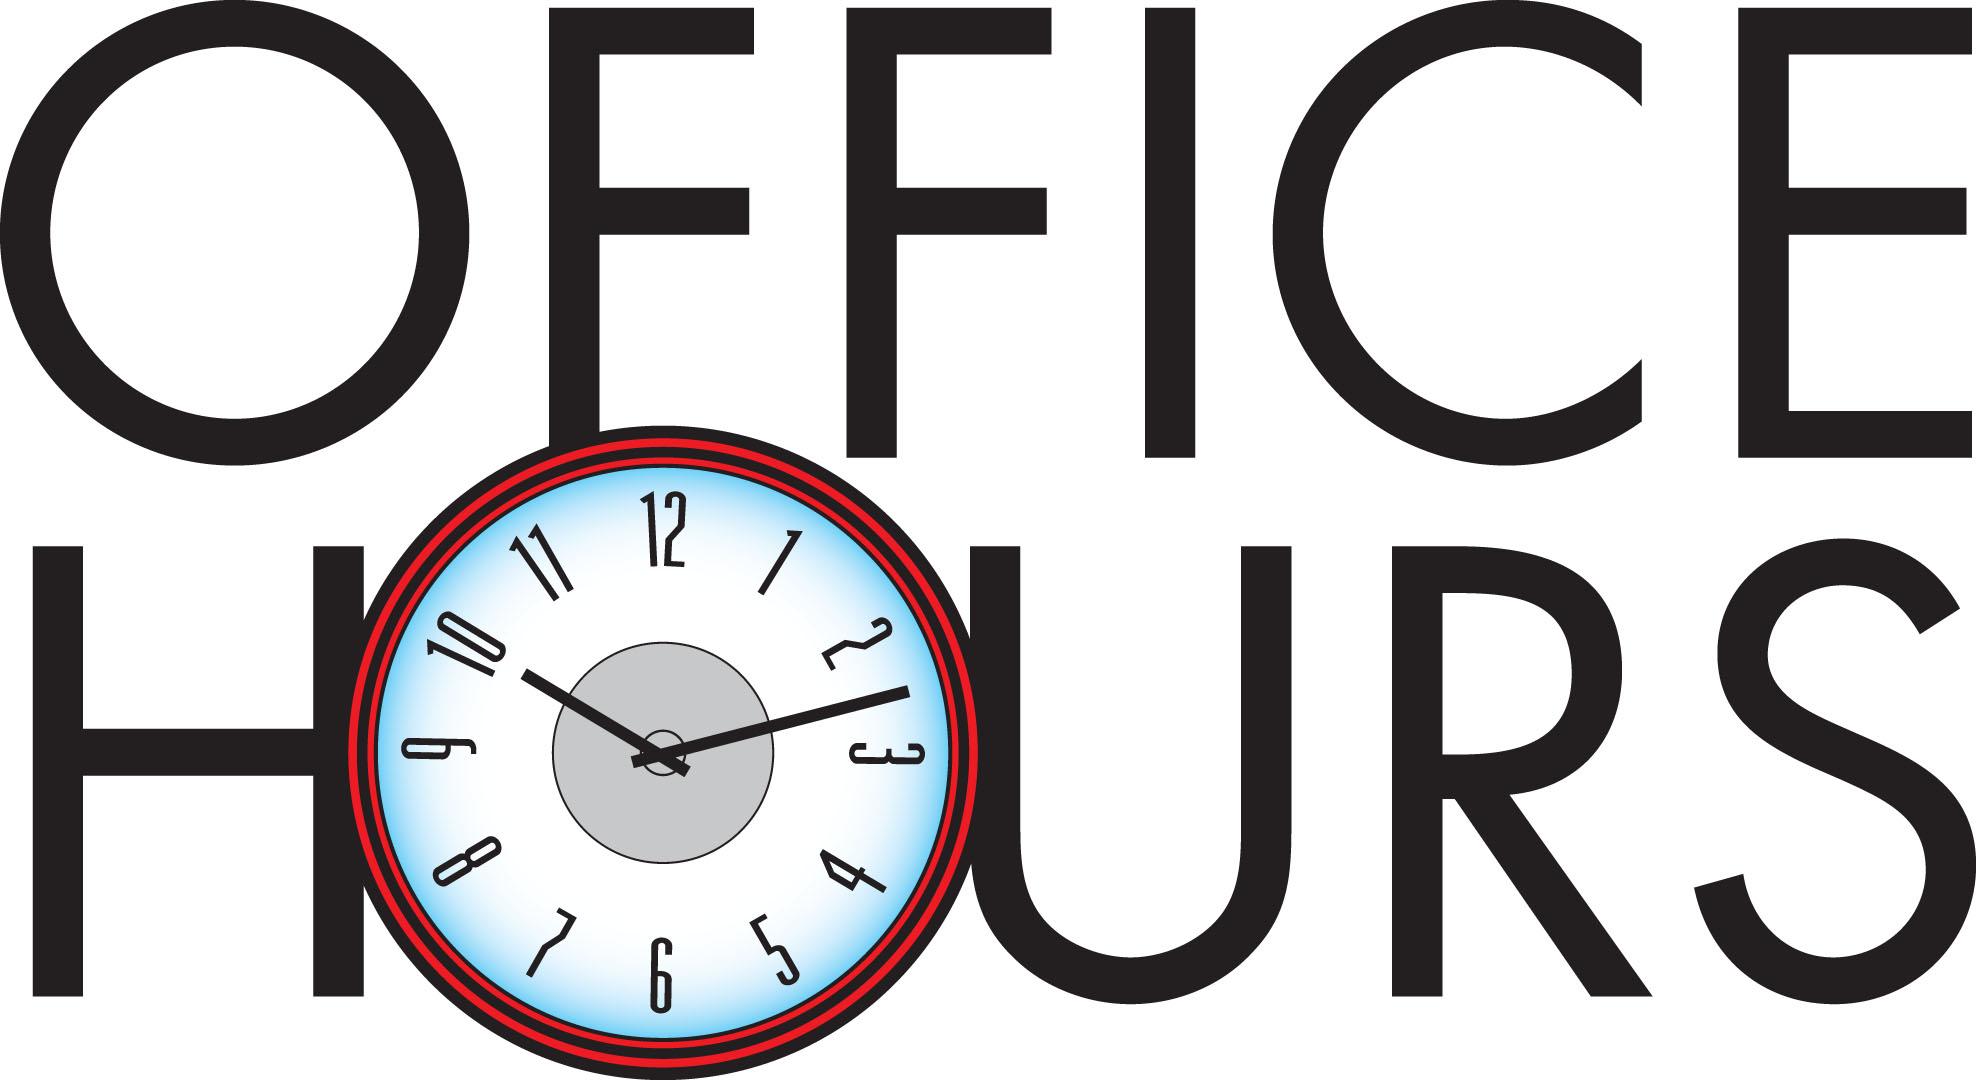 สถาบันของเราเปิดทำการ 7 วัน ต่อ สัปดาห์!!